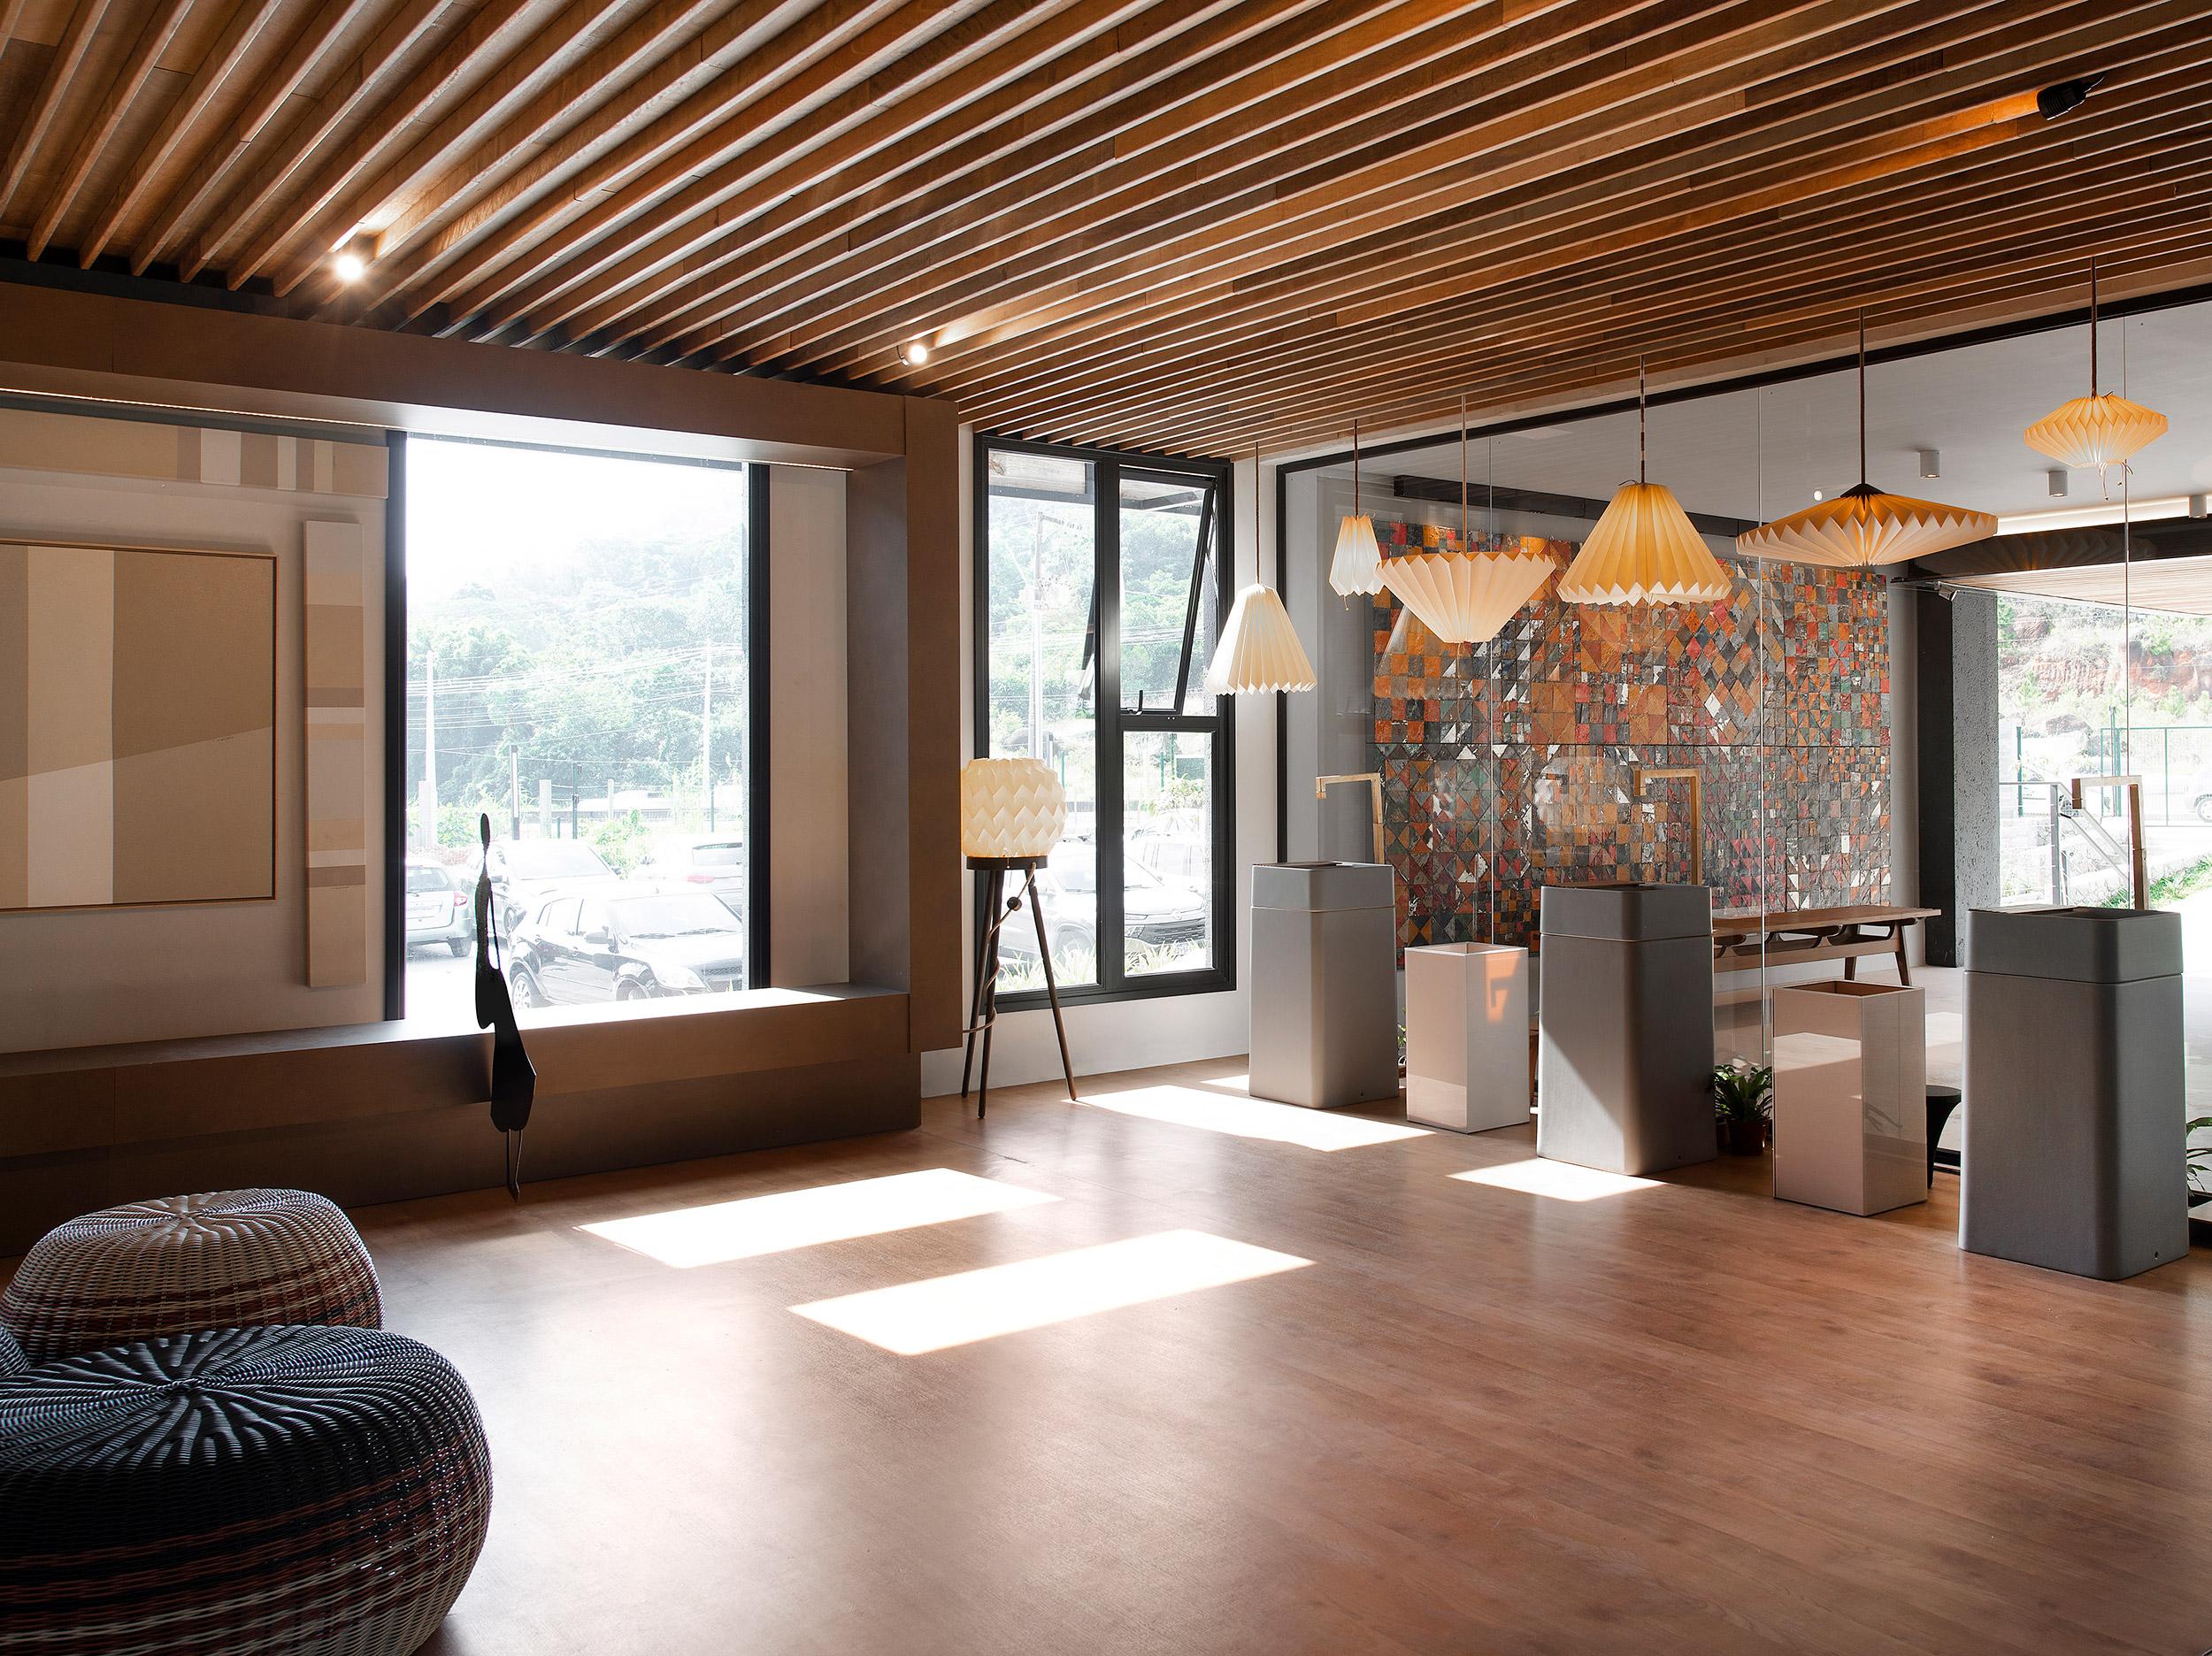 Lounge de Entrada e Bilheteria - Ana Lins e Iara Rosas. Projeto da CASACOR Santa Catarina 2021.